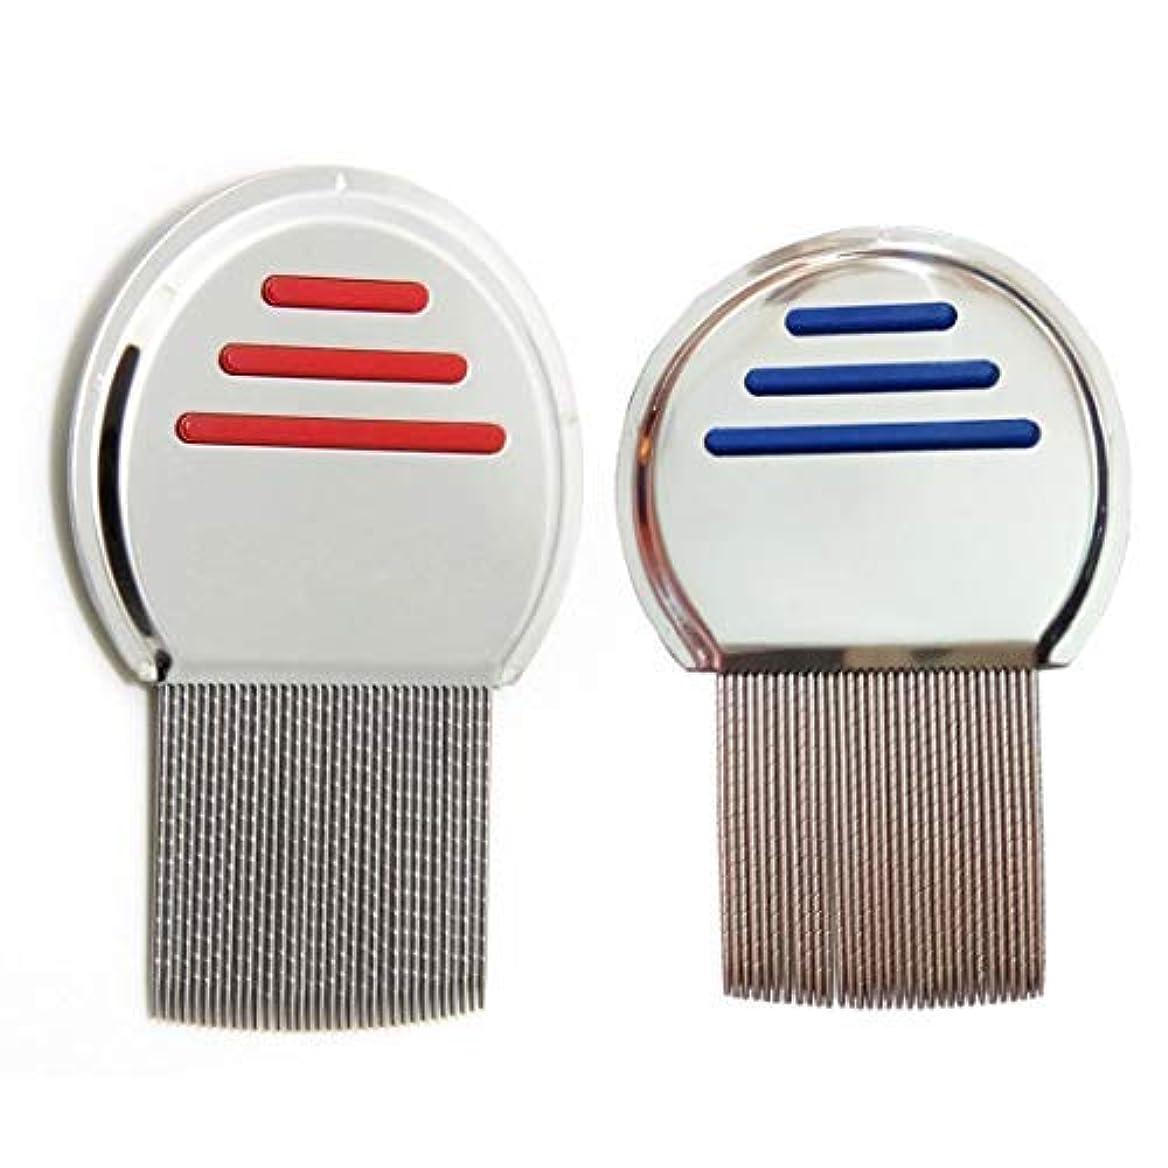 ナンセンスファシズム大邸宅2 Pcs Stainless Steel Lice Dandruff Comb [並行輸入品]